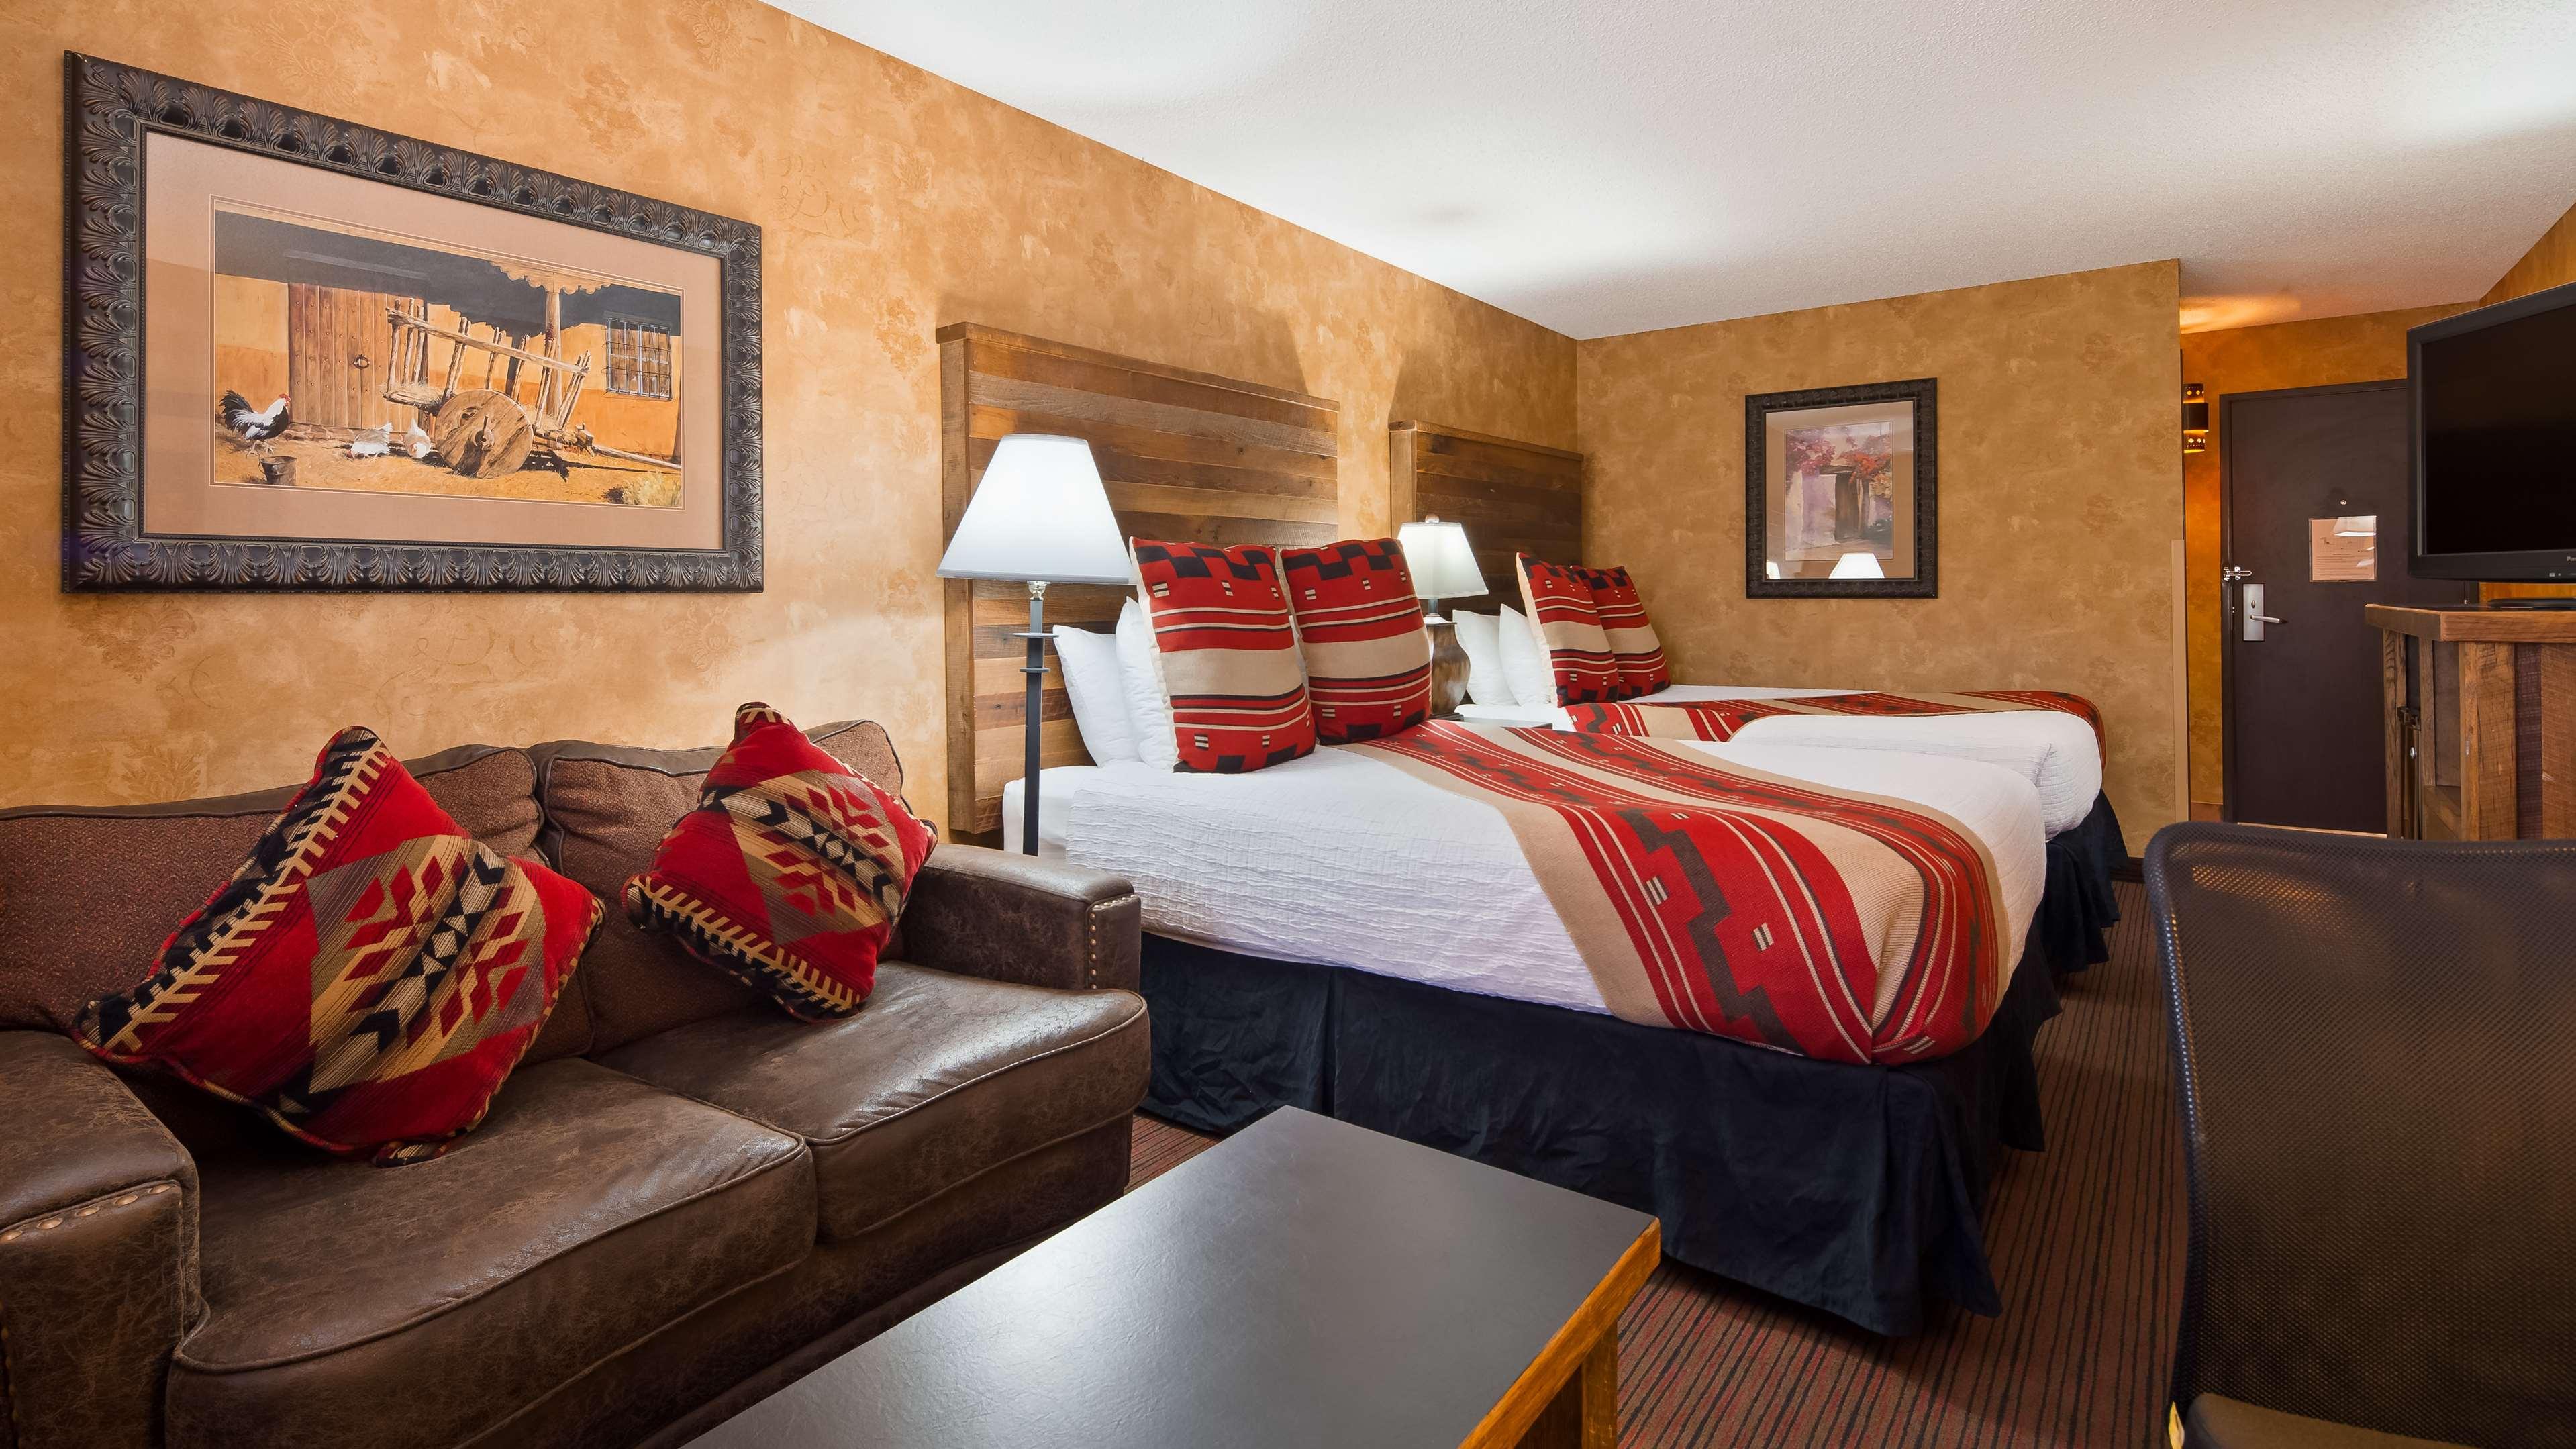 Best Western Plus Inn of Santa Fe image 11